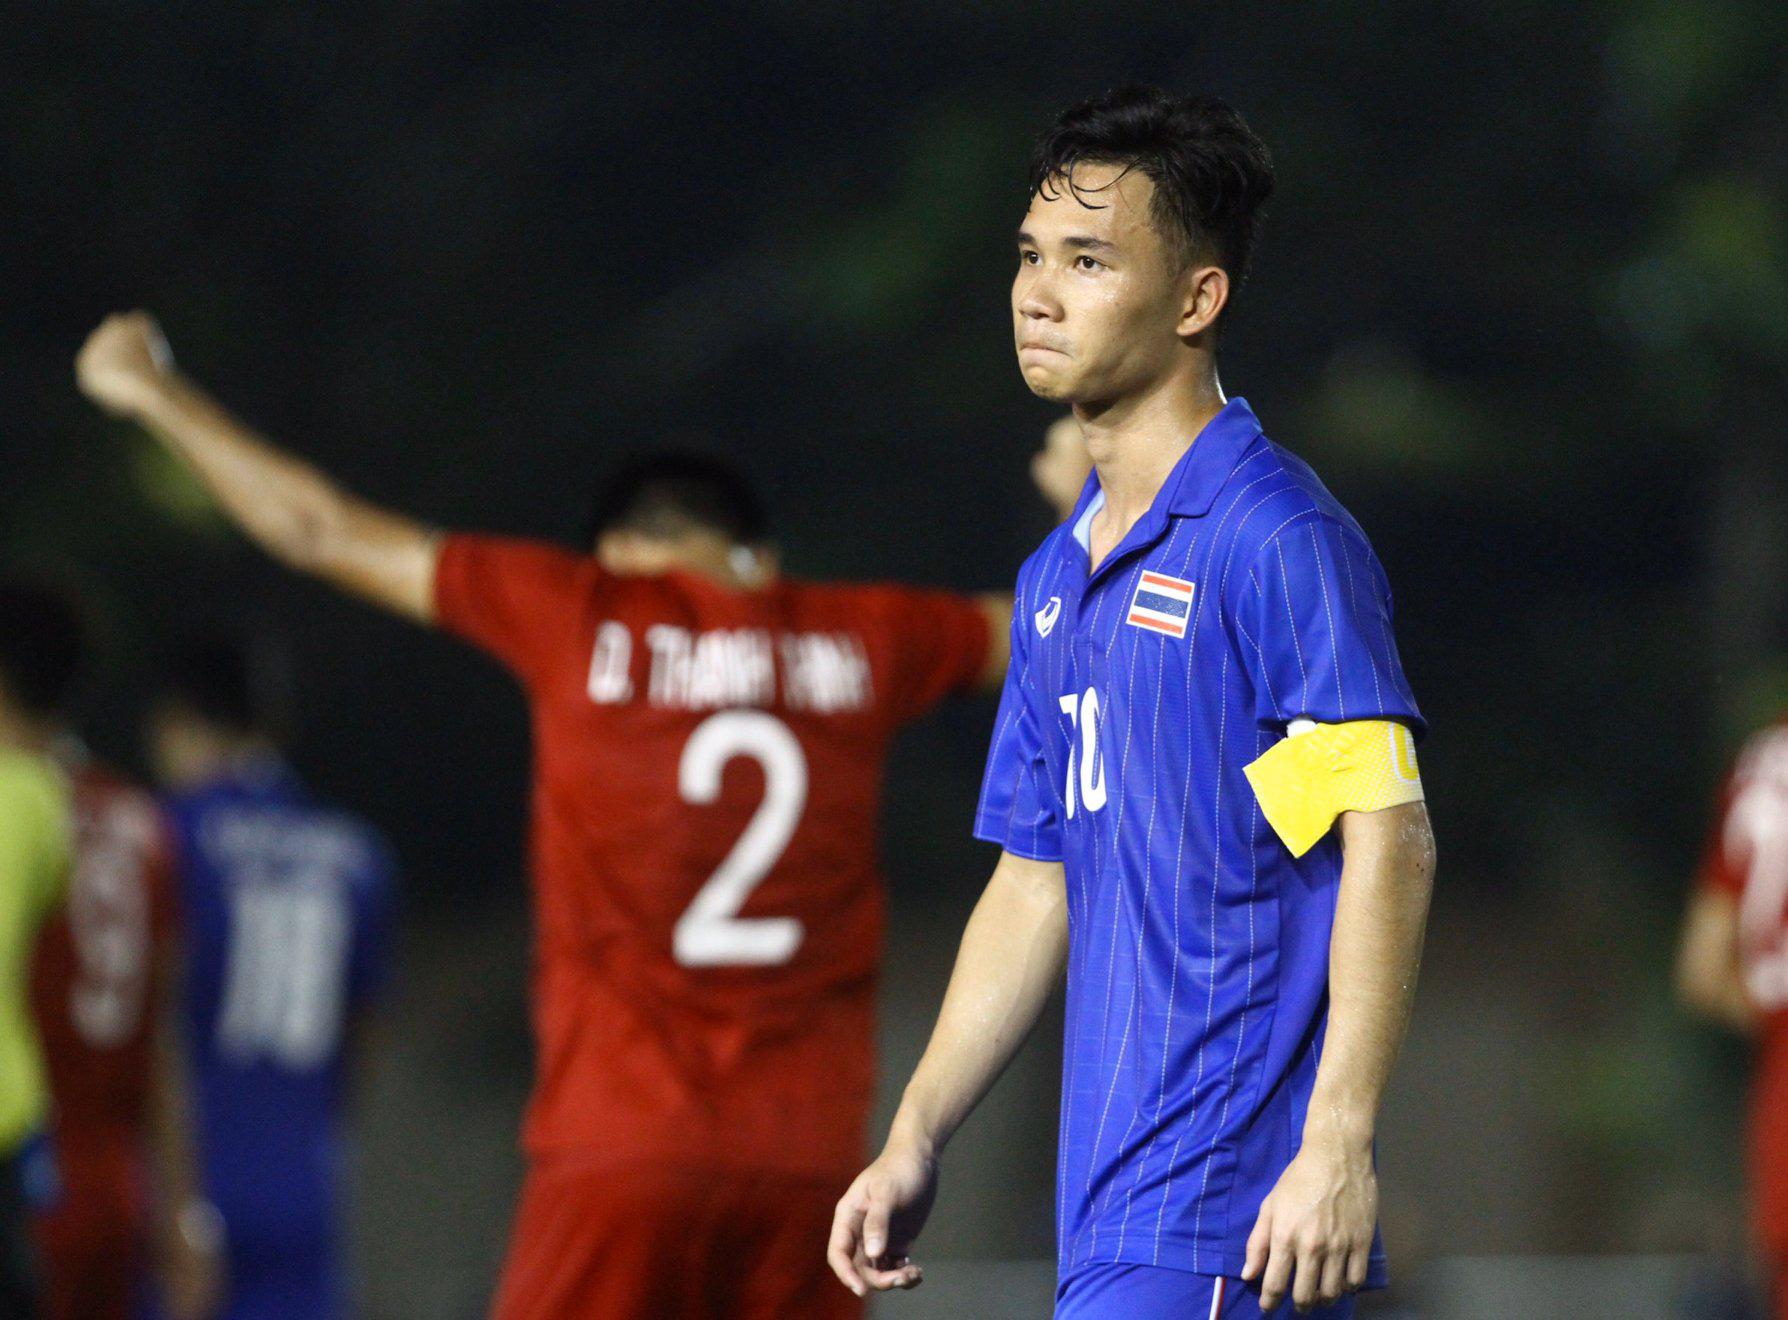 Bị Việt Nam cho về nhà sớm, cầu thủ Thái Lan suy sụp, thất thần, xấu hổ đến mức không dám nhìn các cổ động viên - Ảnh 3.